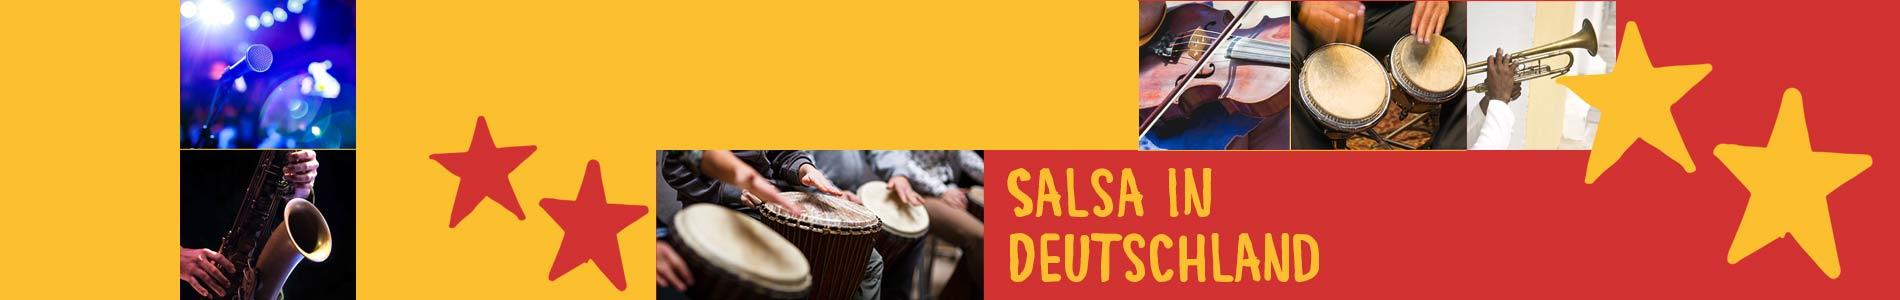 Salsa in Bösenbrunn – Salsa lernen und tanzen, Tanzkurse, Partys, Veranstaltungen